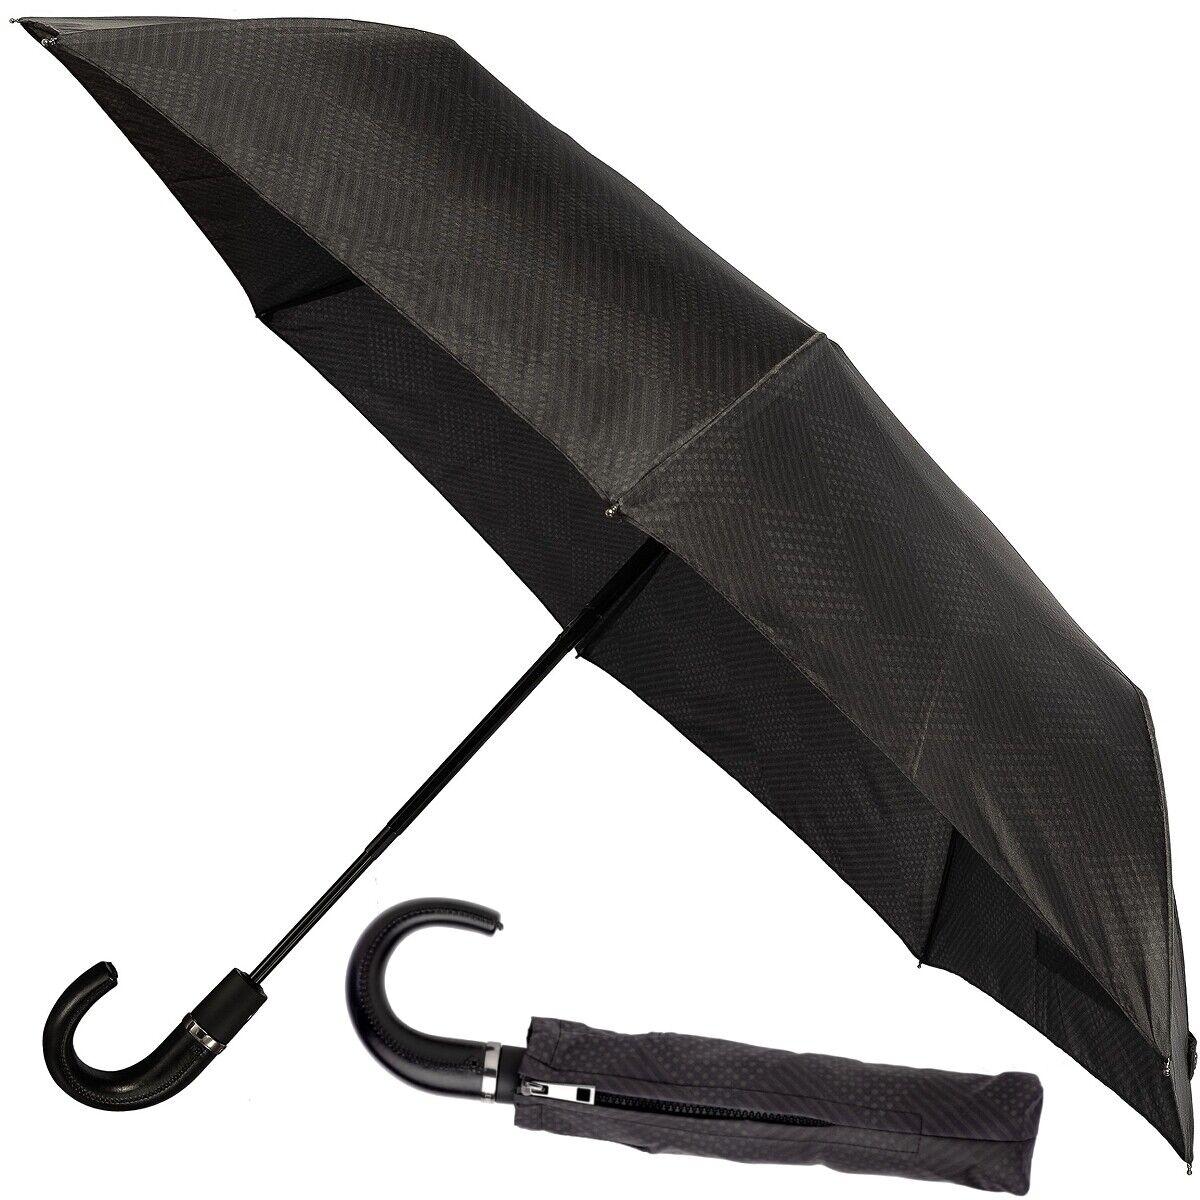 CERRUTI 1881 Herren Regenschirm Hakengriff Taschenschirm Automatik Schirm Neu